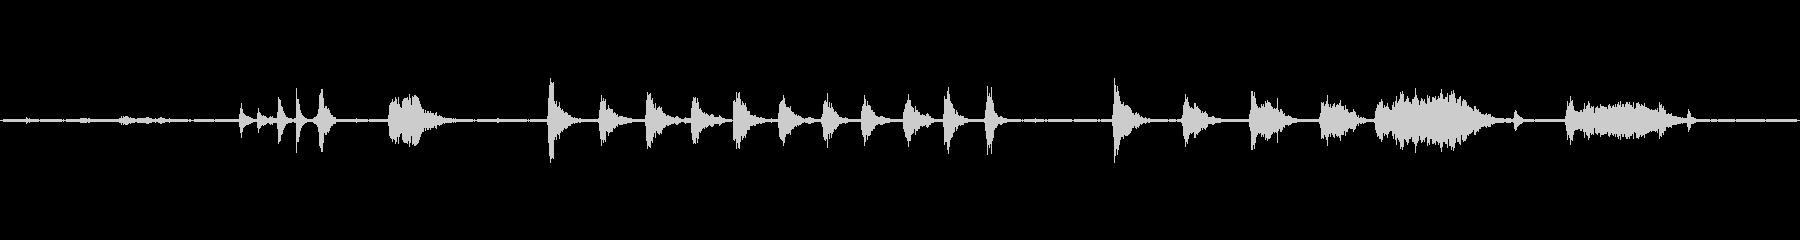 フードプロセッサーの開閉・動作音ですの未再生の波形